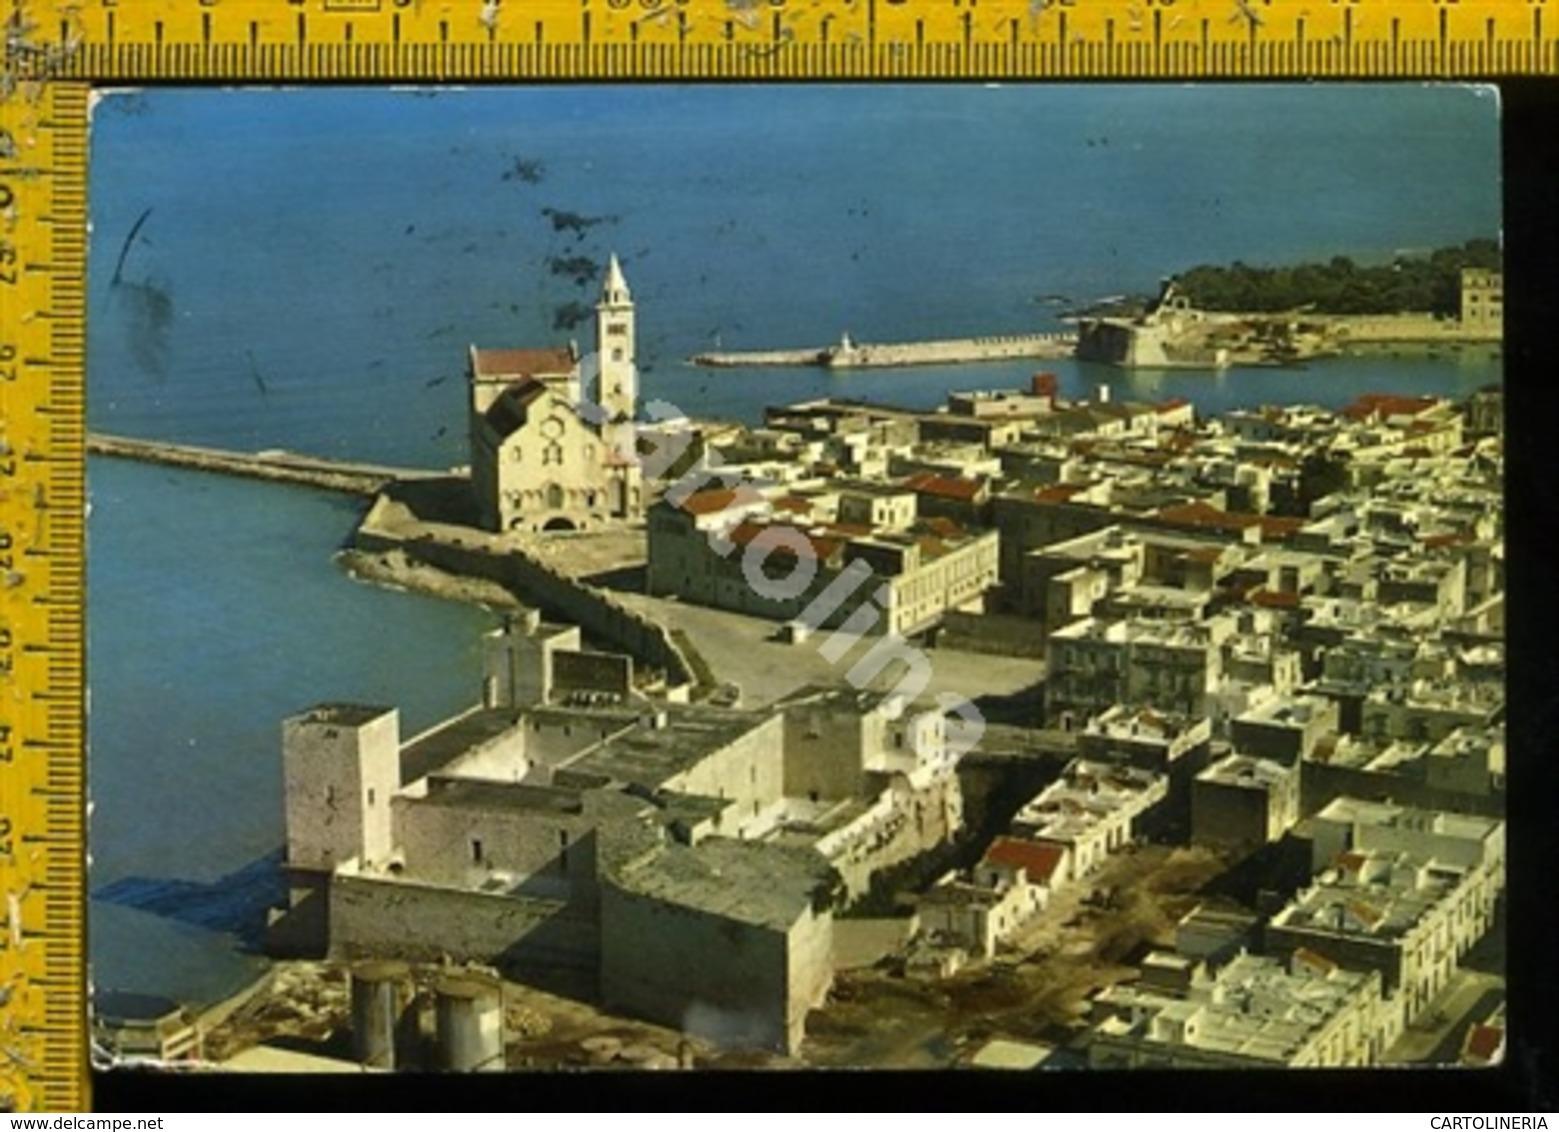 Bari Trani - Bari